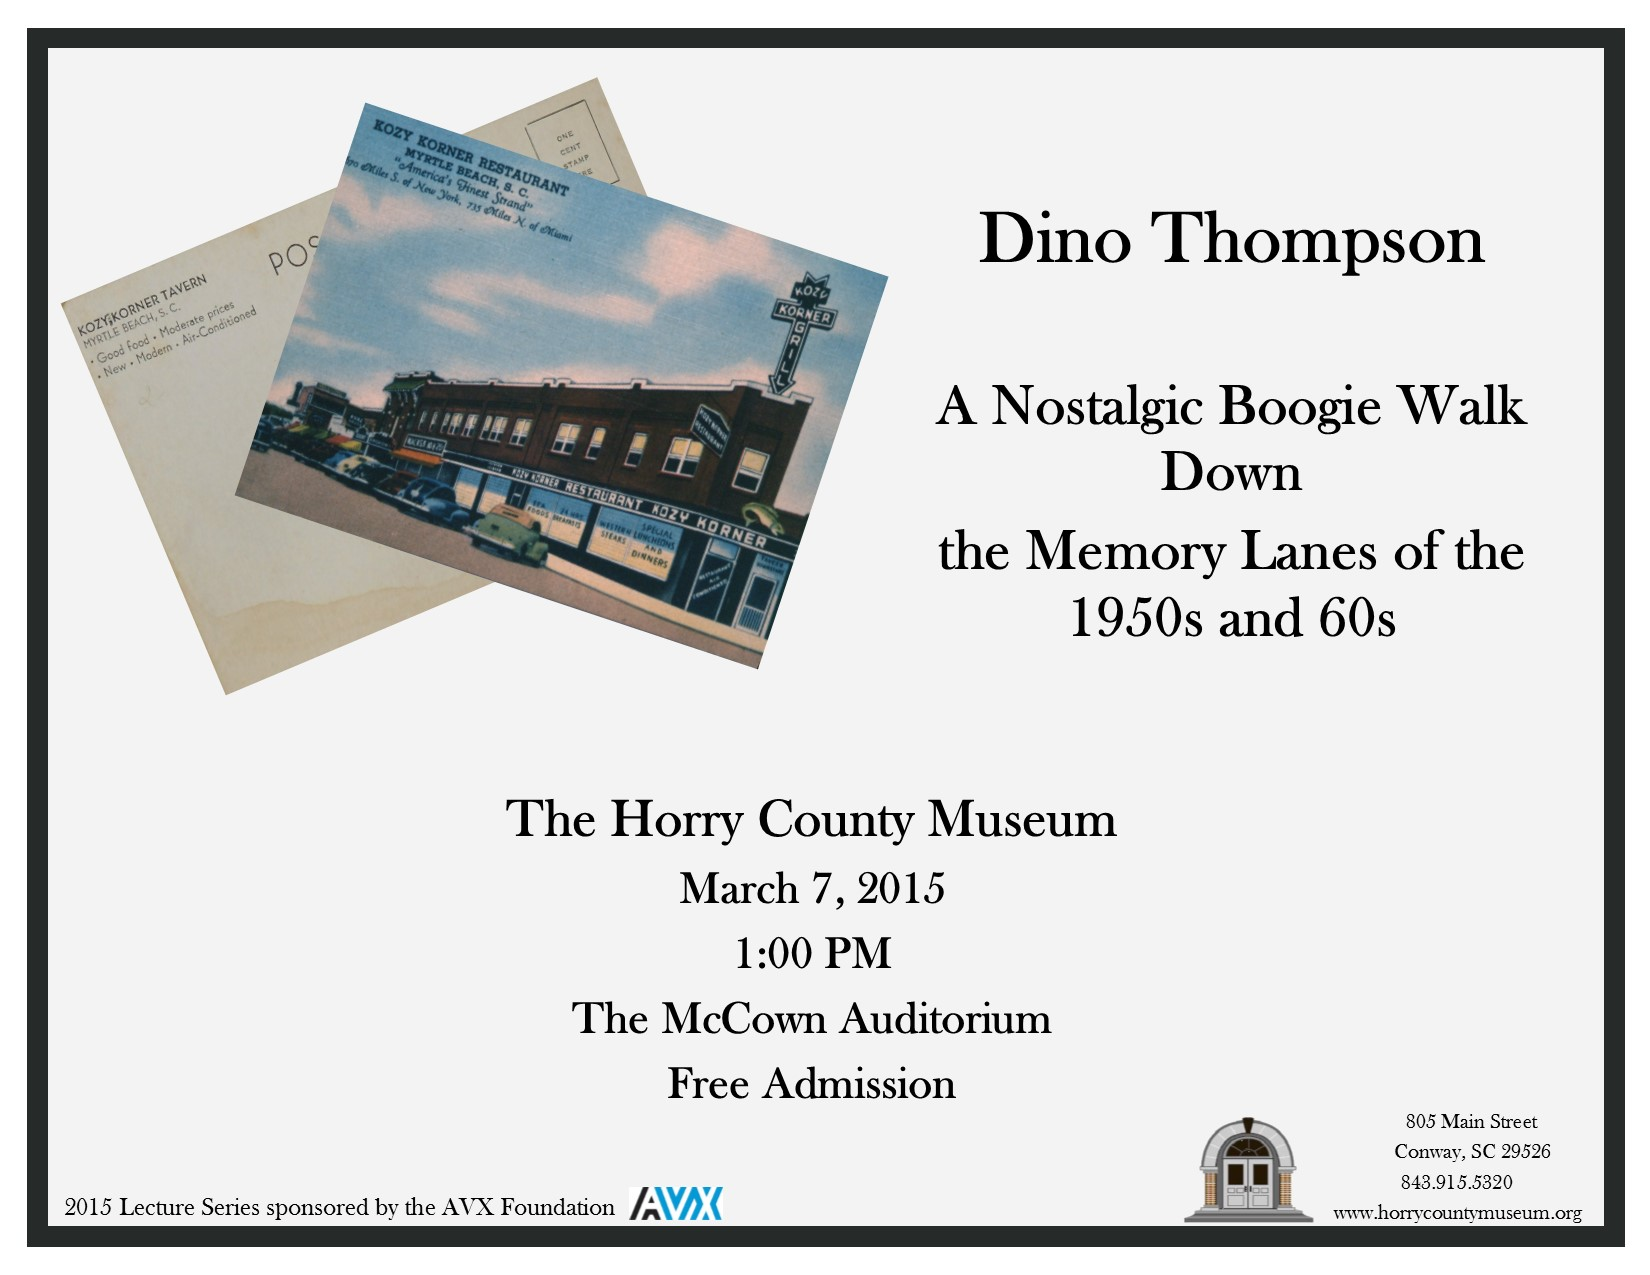 Dino Thompson